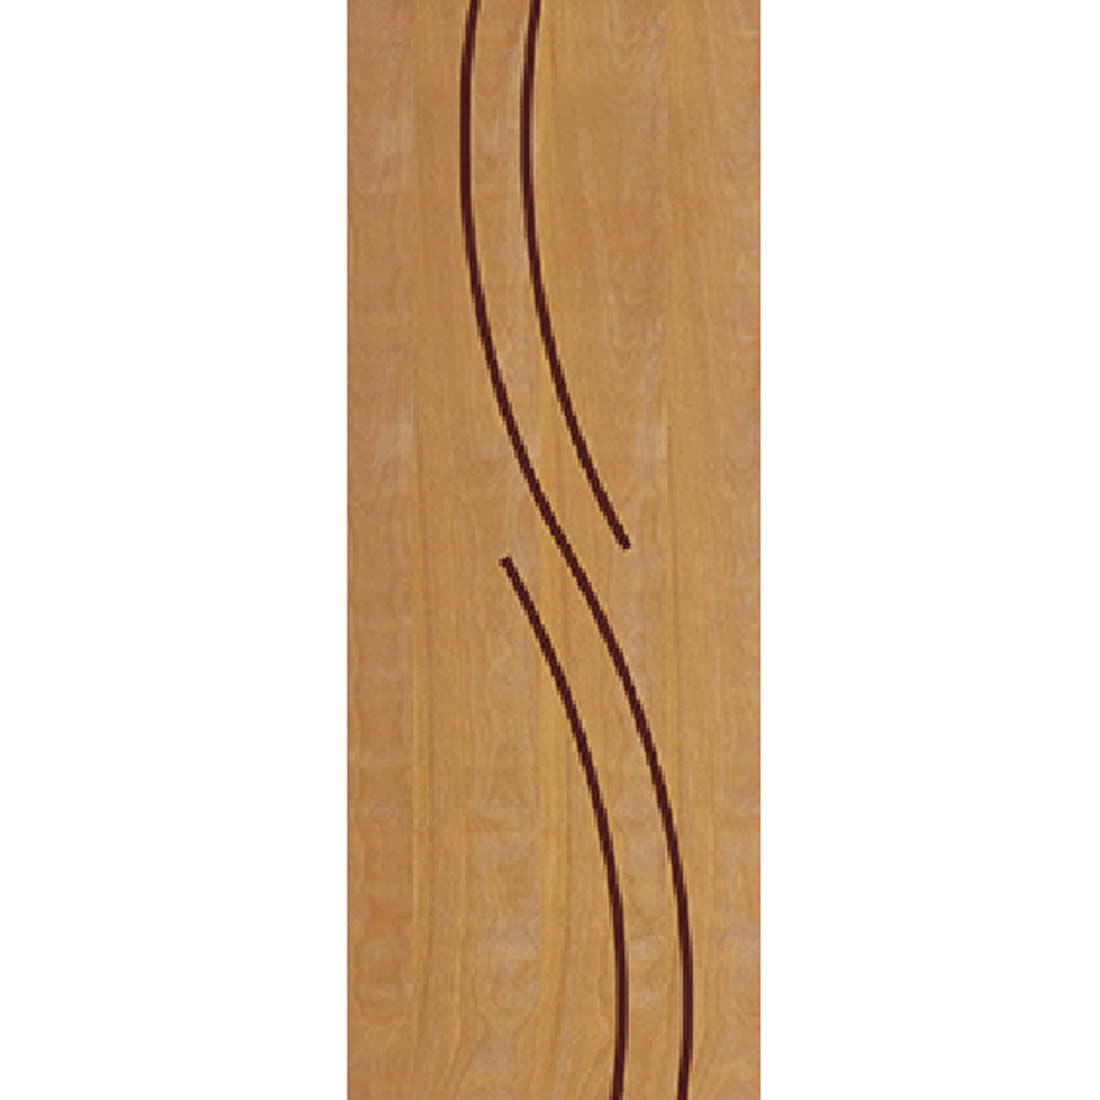 Porta 2,10 x 0,70m em Madeira Curupixa Semi Sólida Modelo 25 Frisada JB Paes